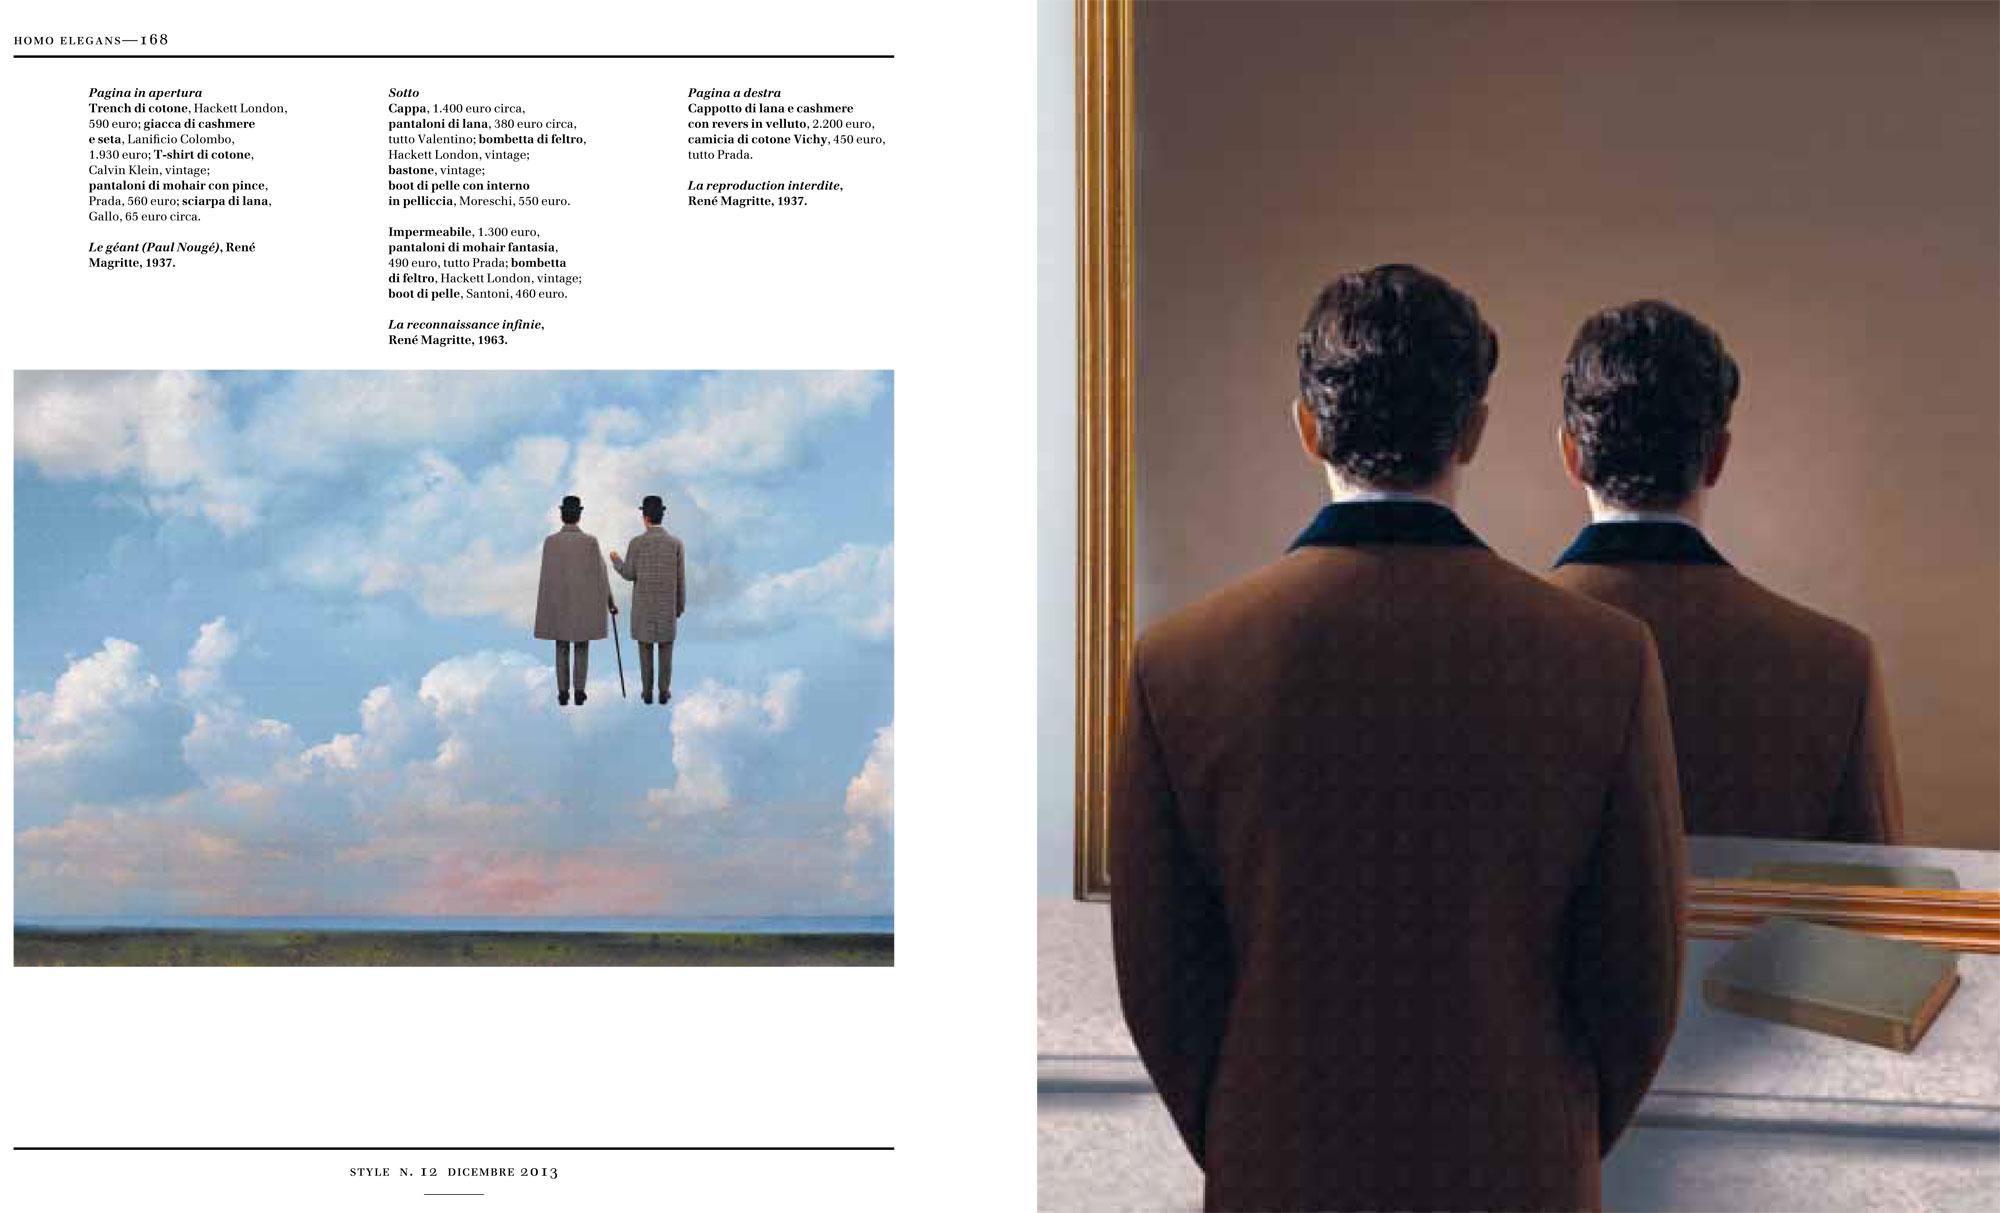 moda-magritte-2